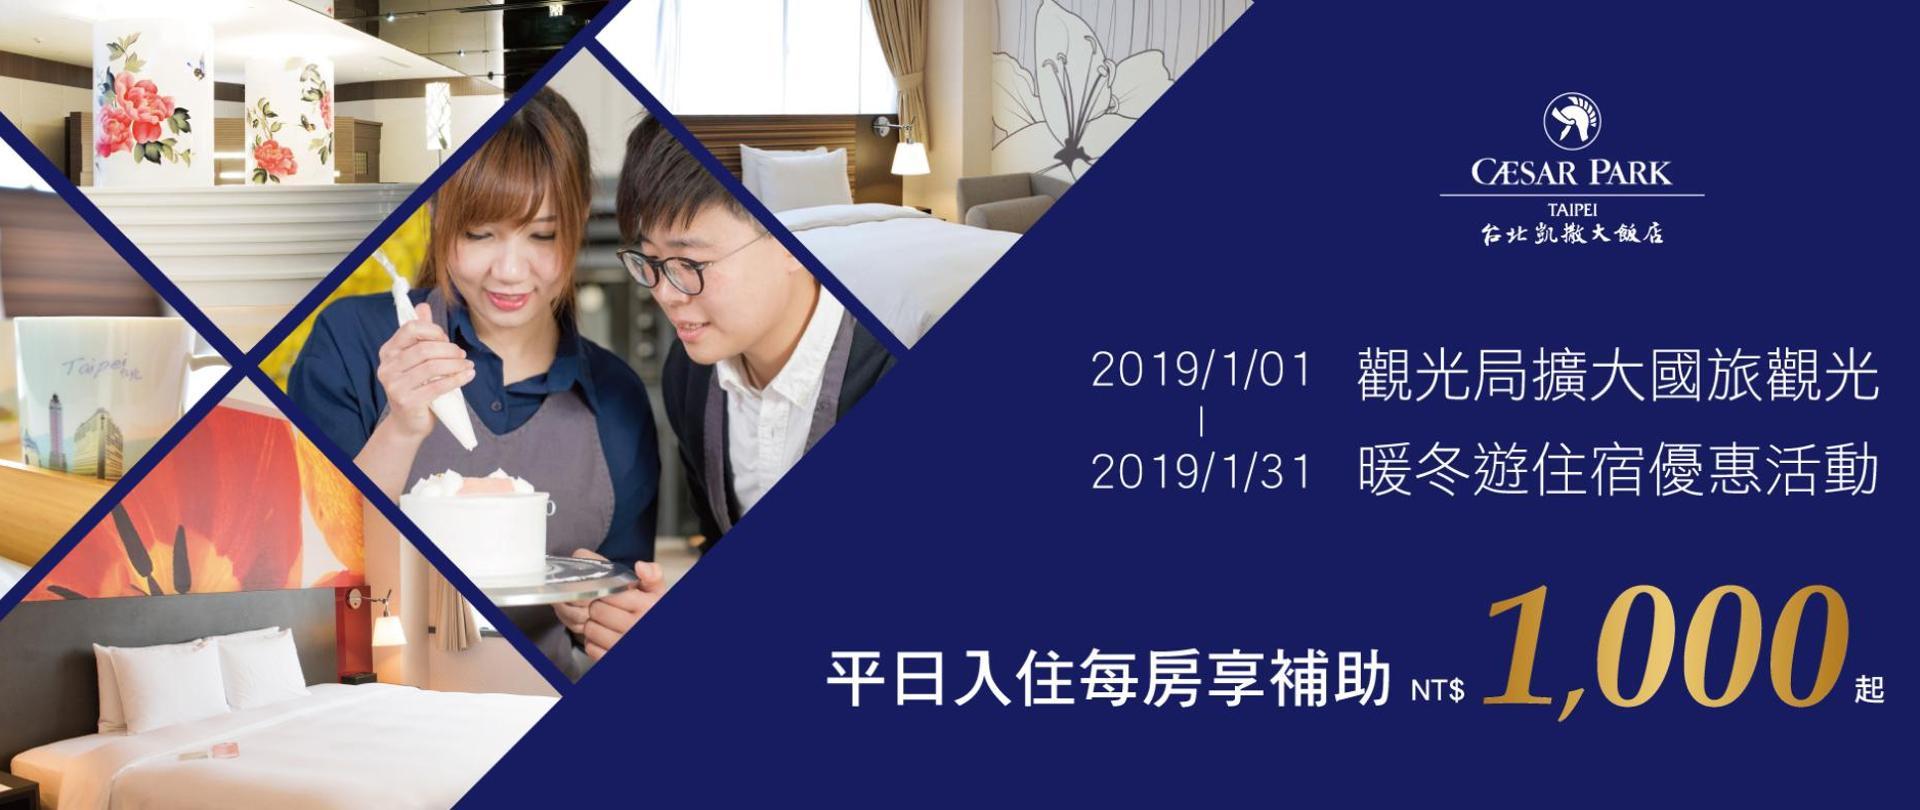 FB封面_2018觀光局暖冬住宿促銷活動.jpg